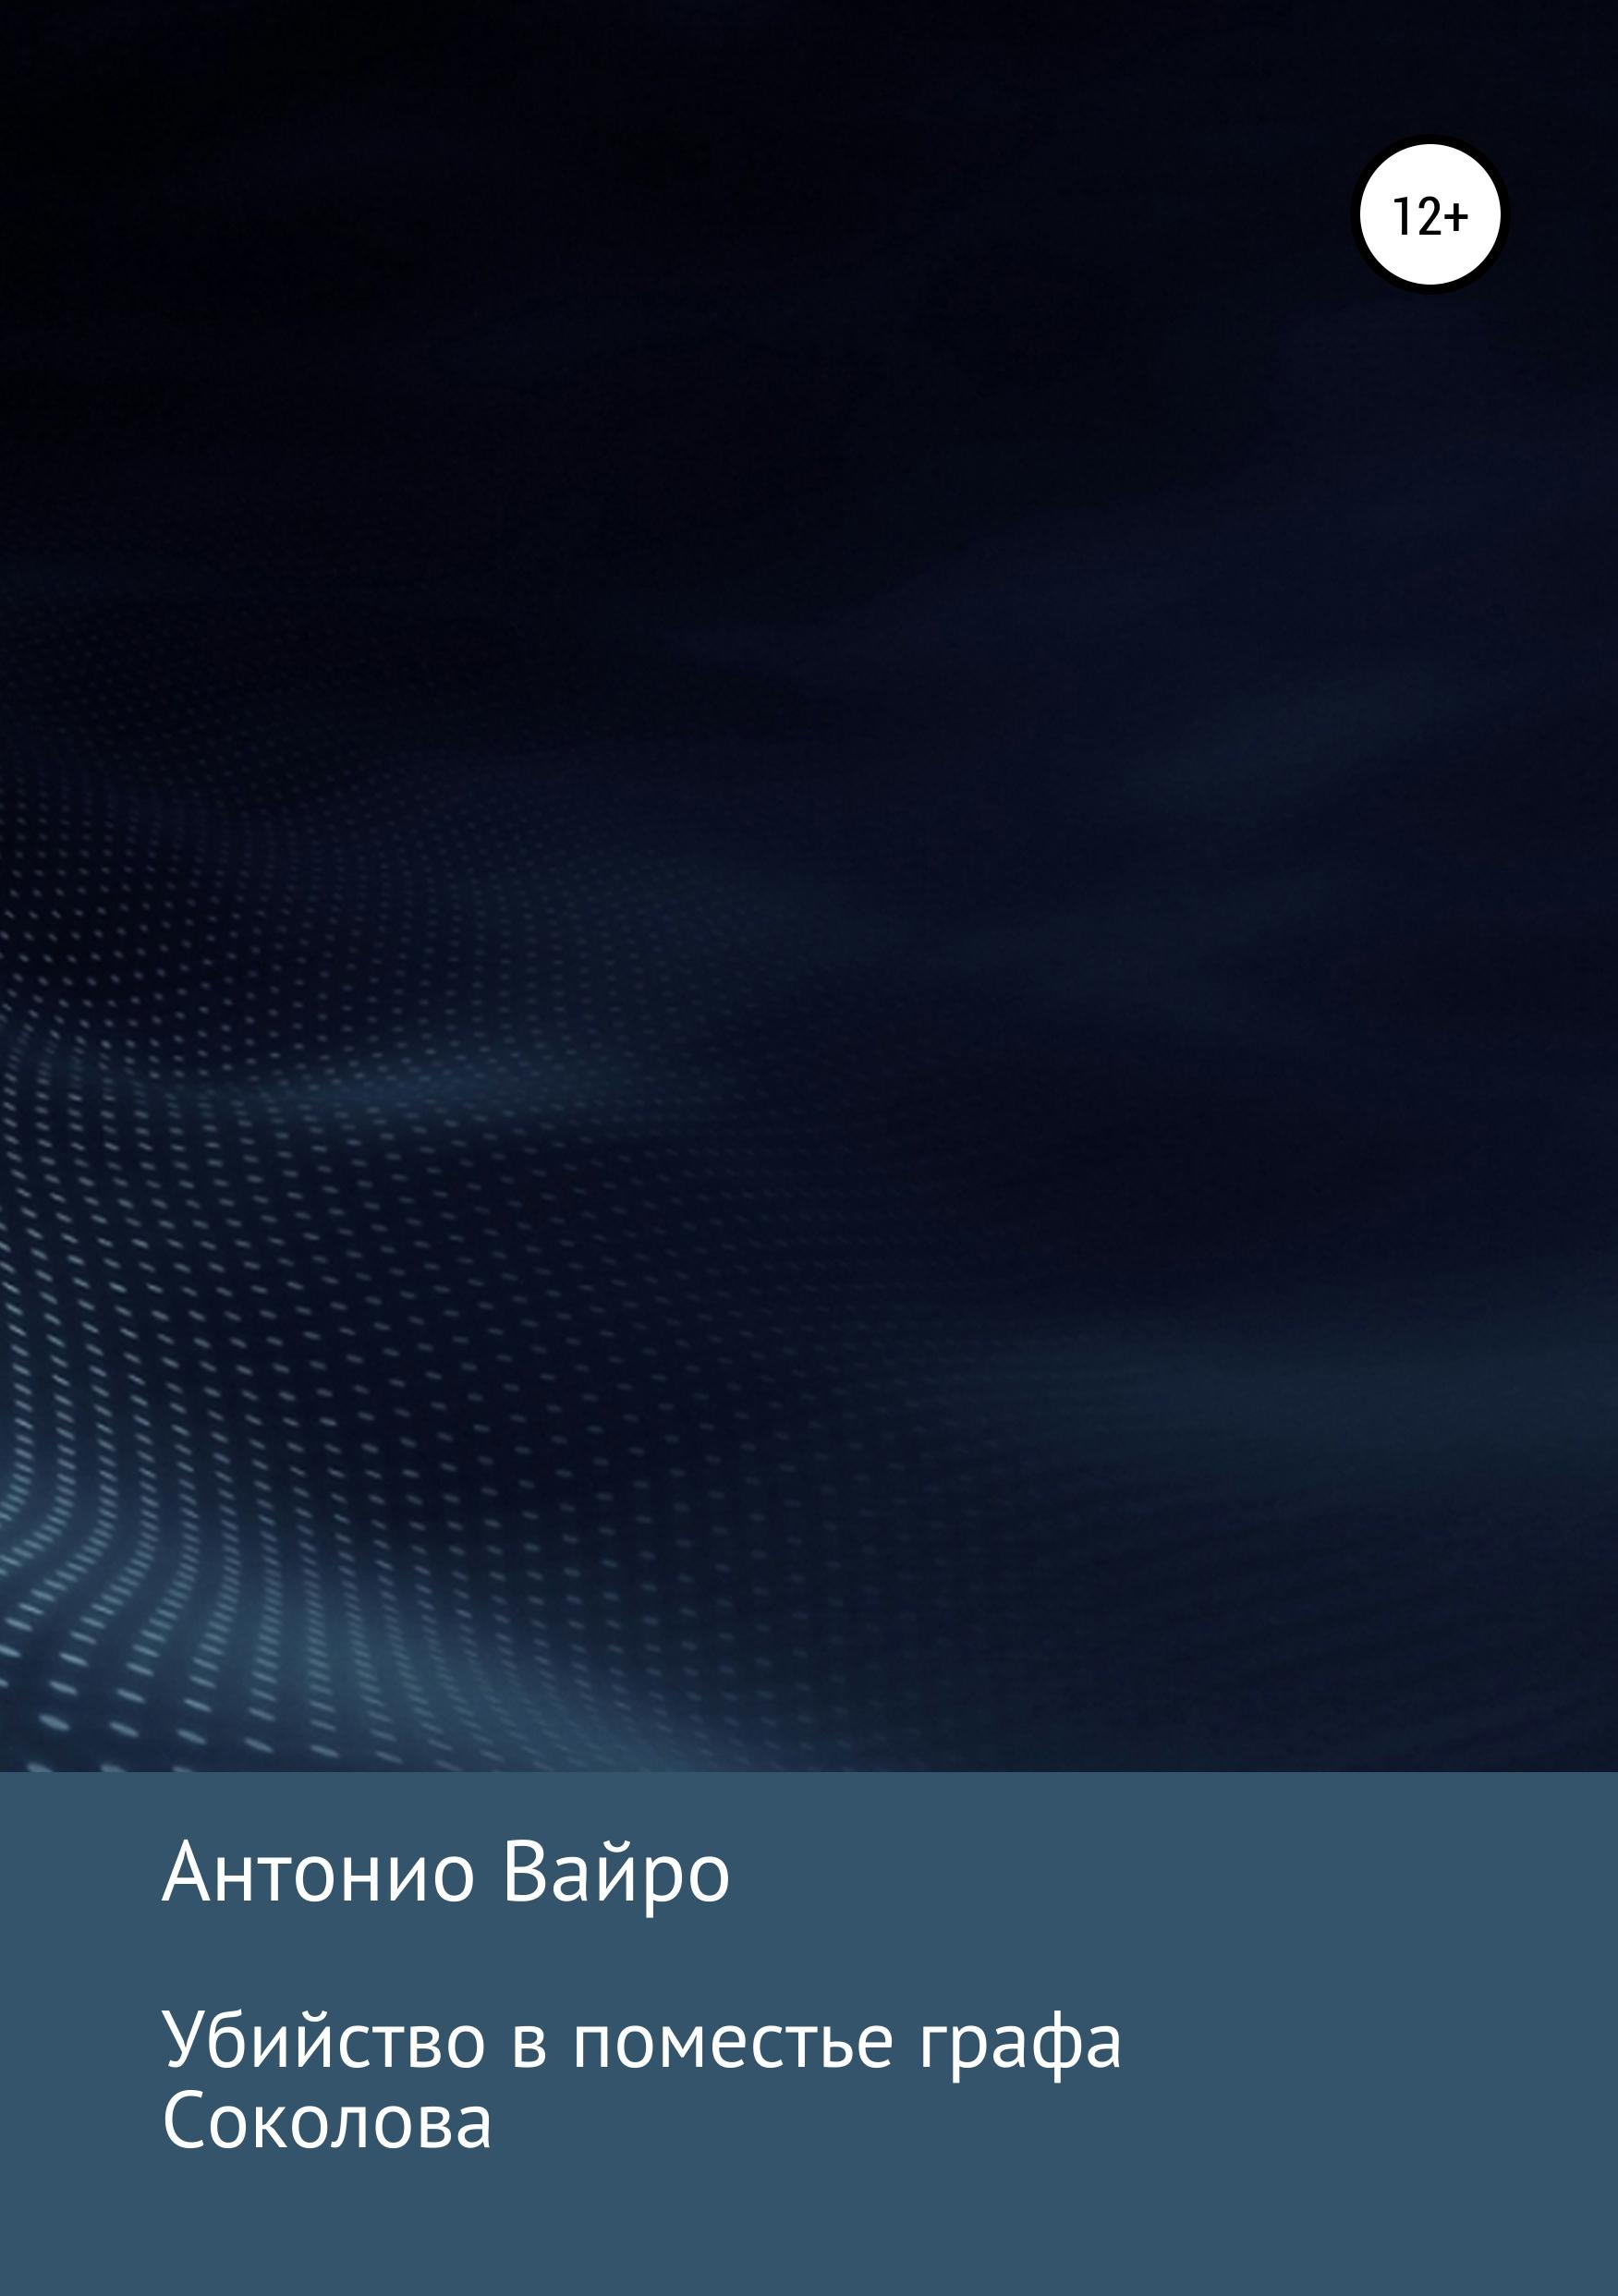 Антонио Вайро Убийство в поместье графа Соколова